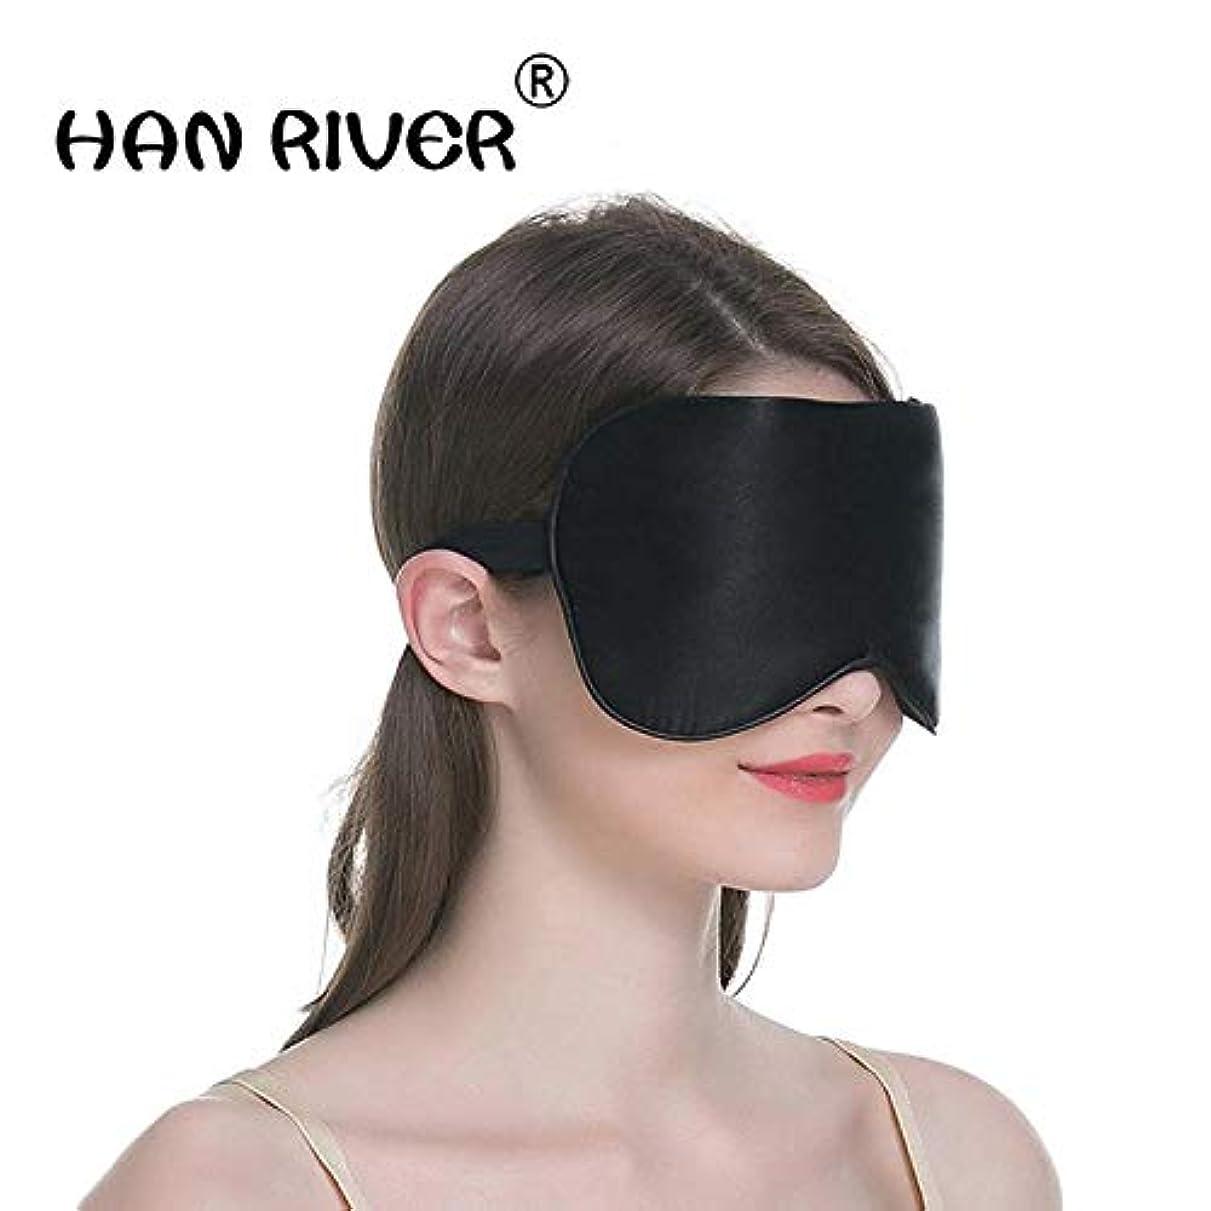 柱純粋な論争の的注100シルク睡眠マスクシルクアイマスクシルクアイマスク黒快適な保護送料無料